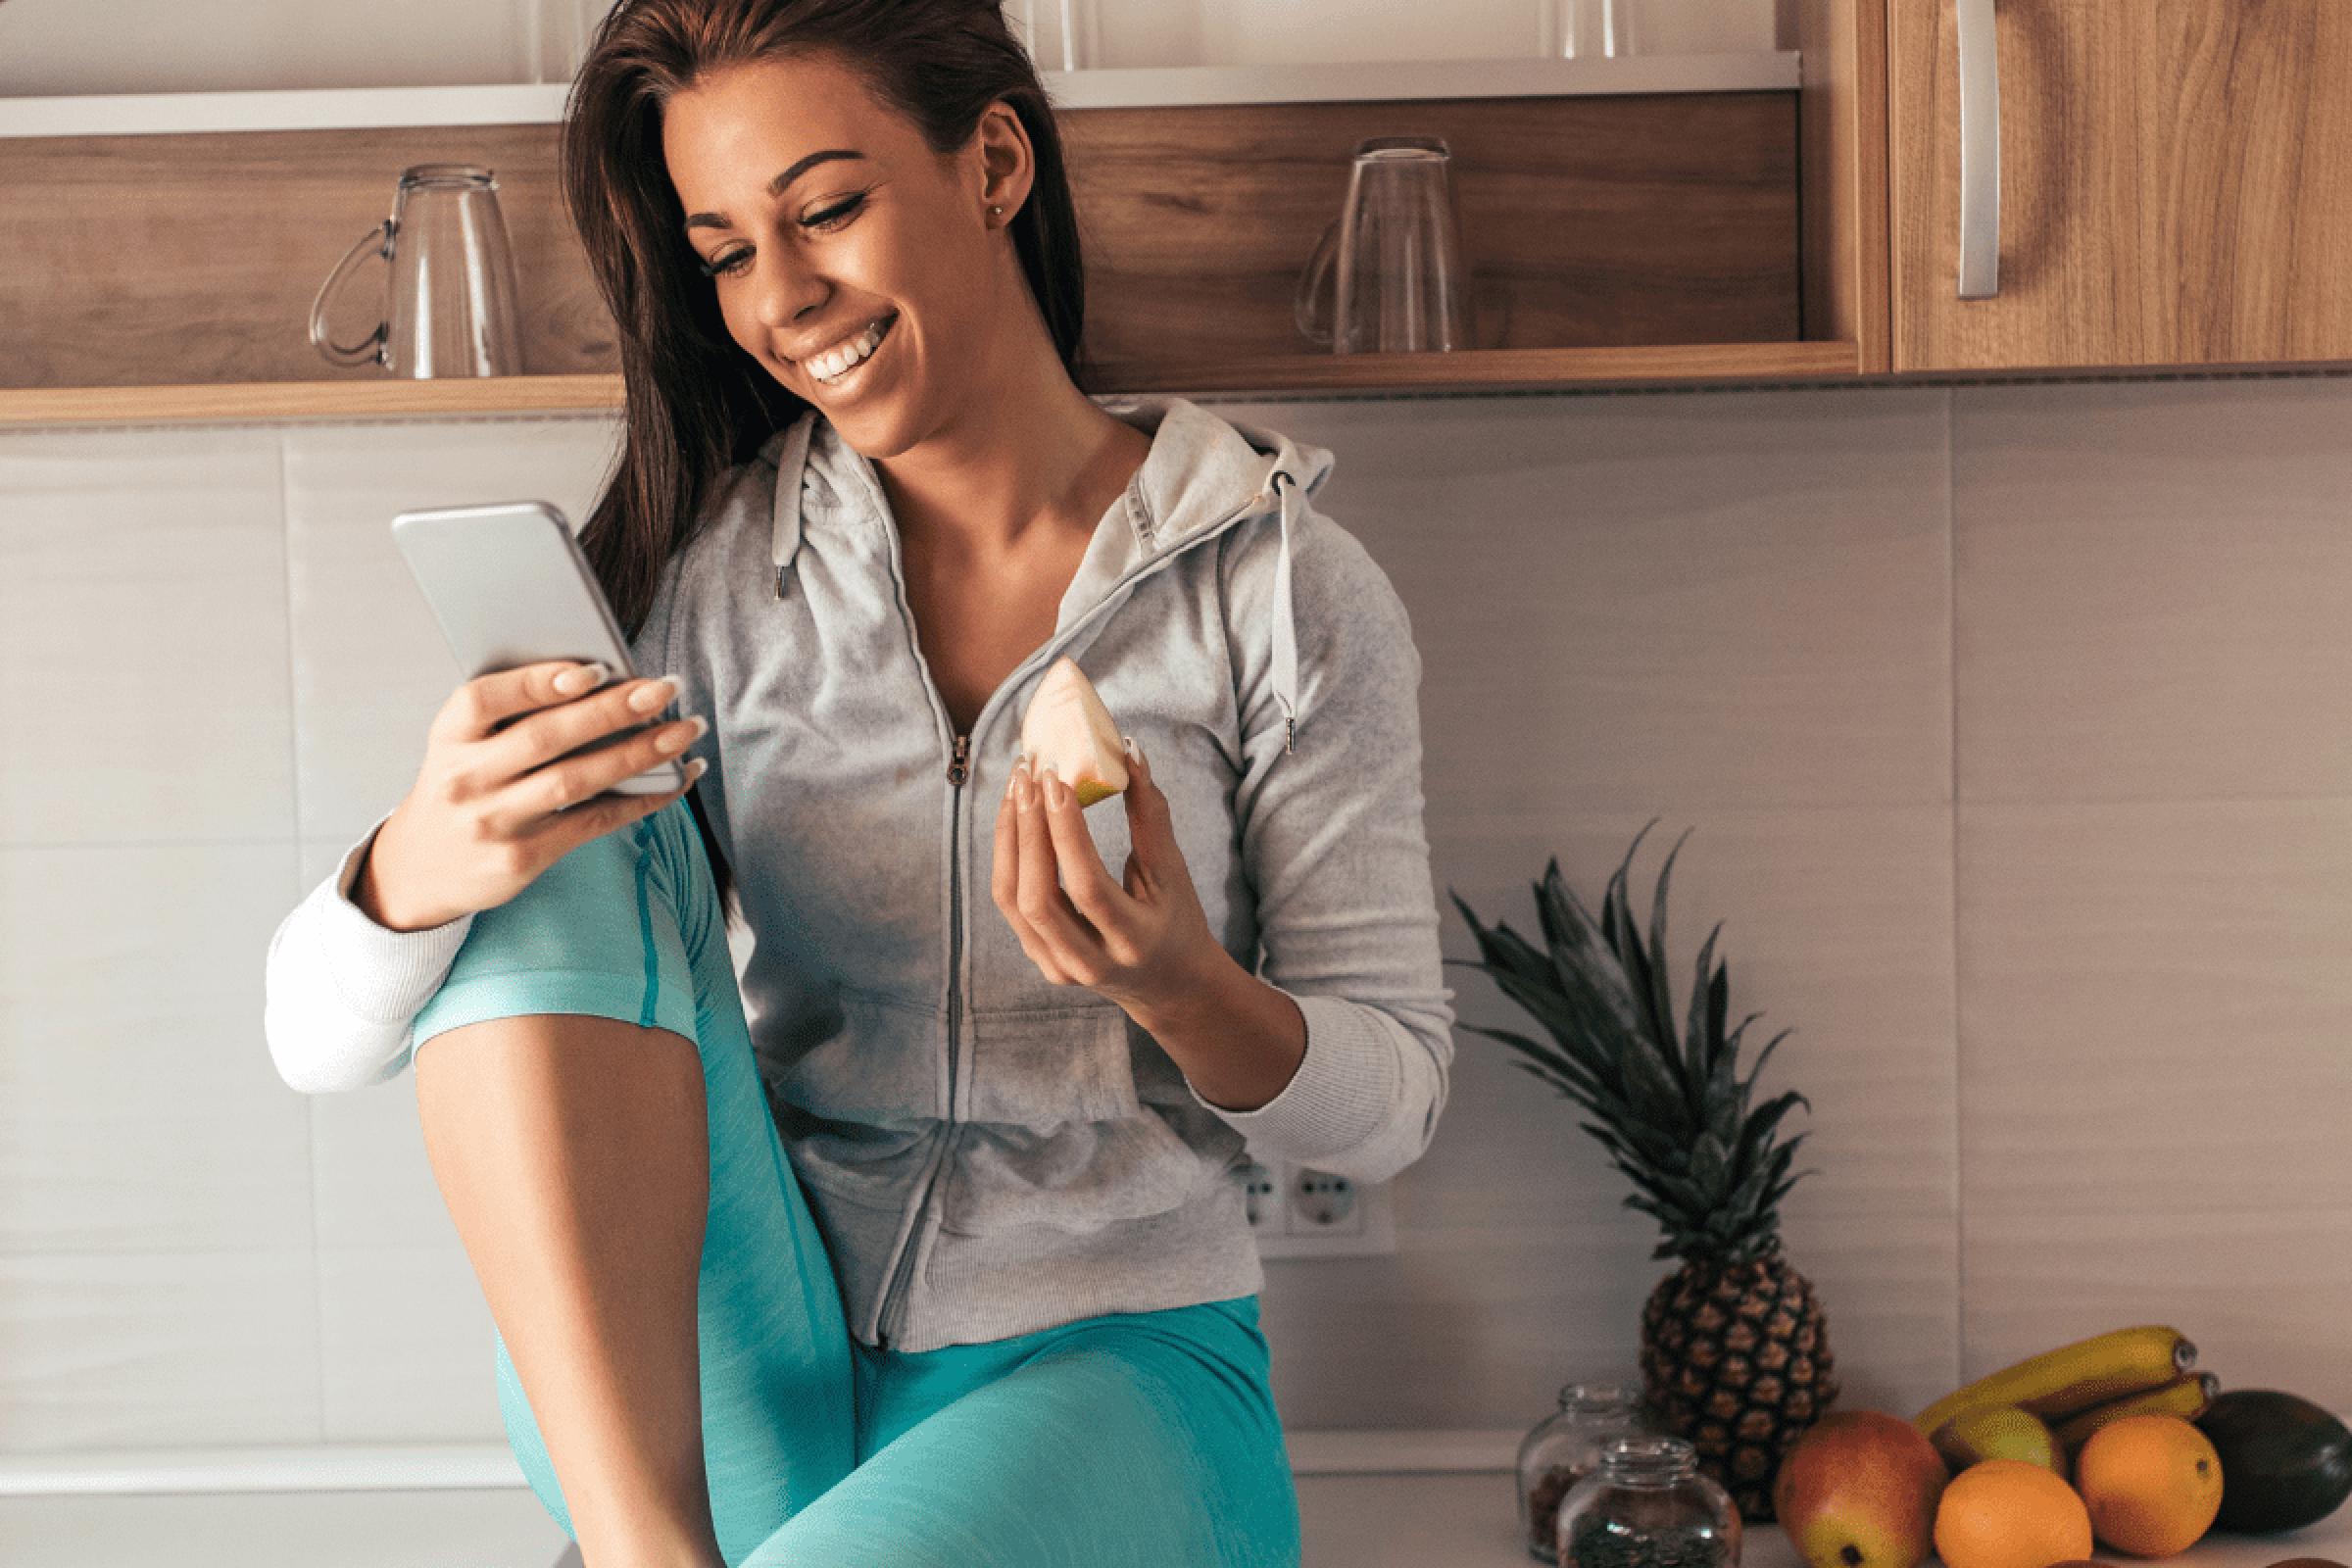 Leistungsfähigkeit steigern durch die richtige Ernährung